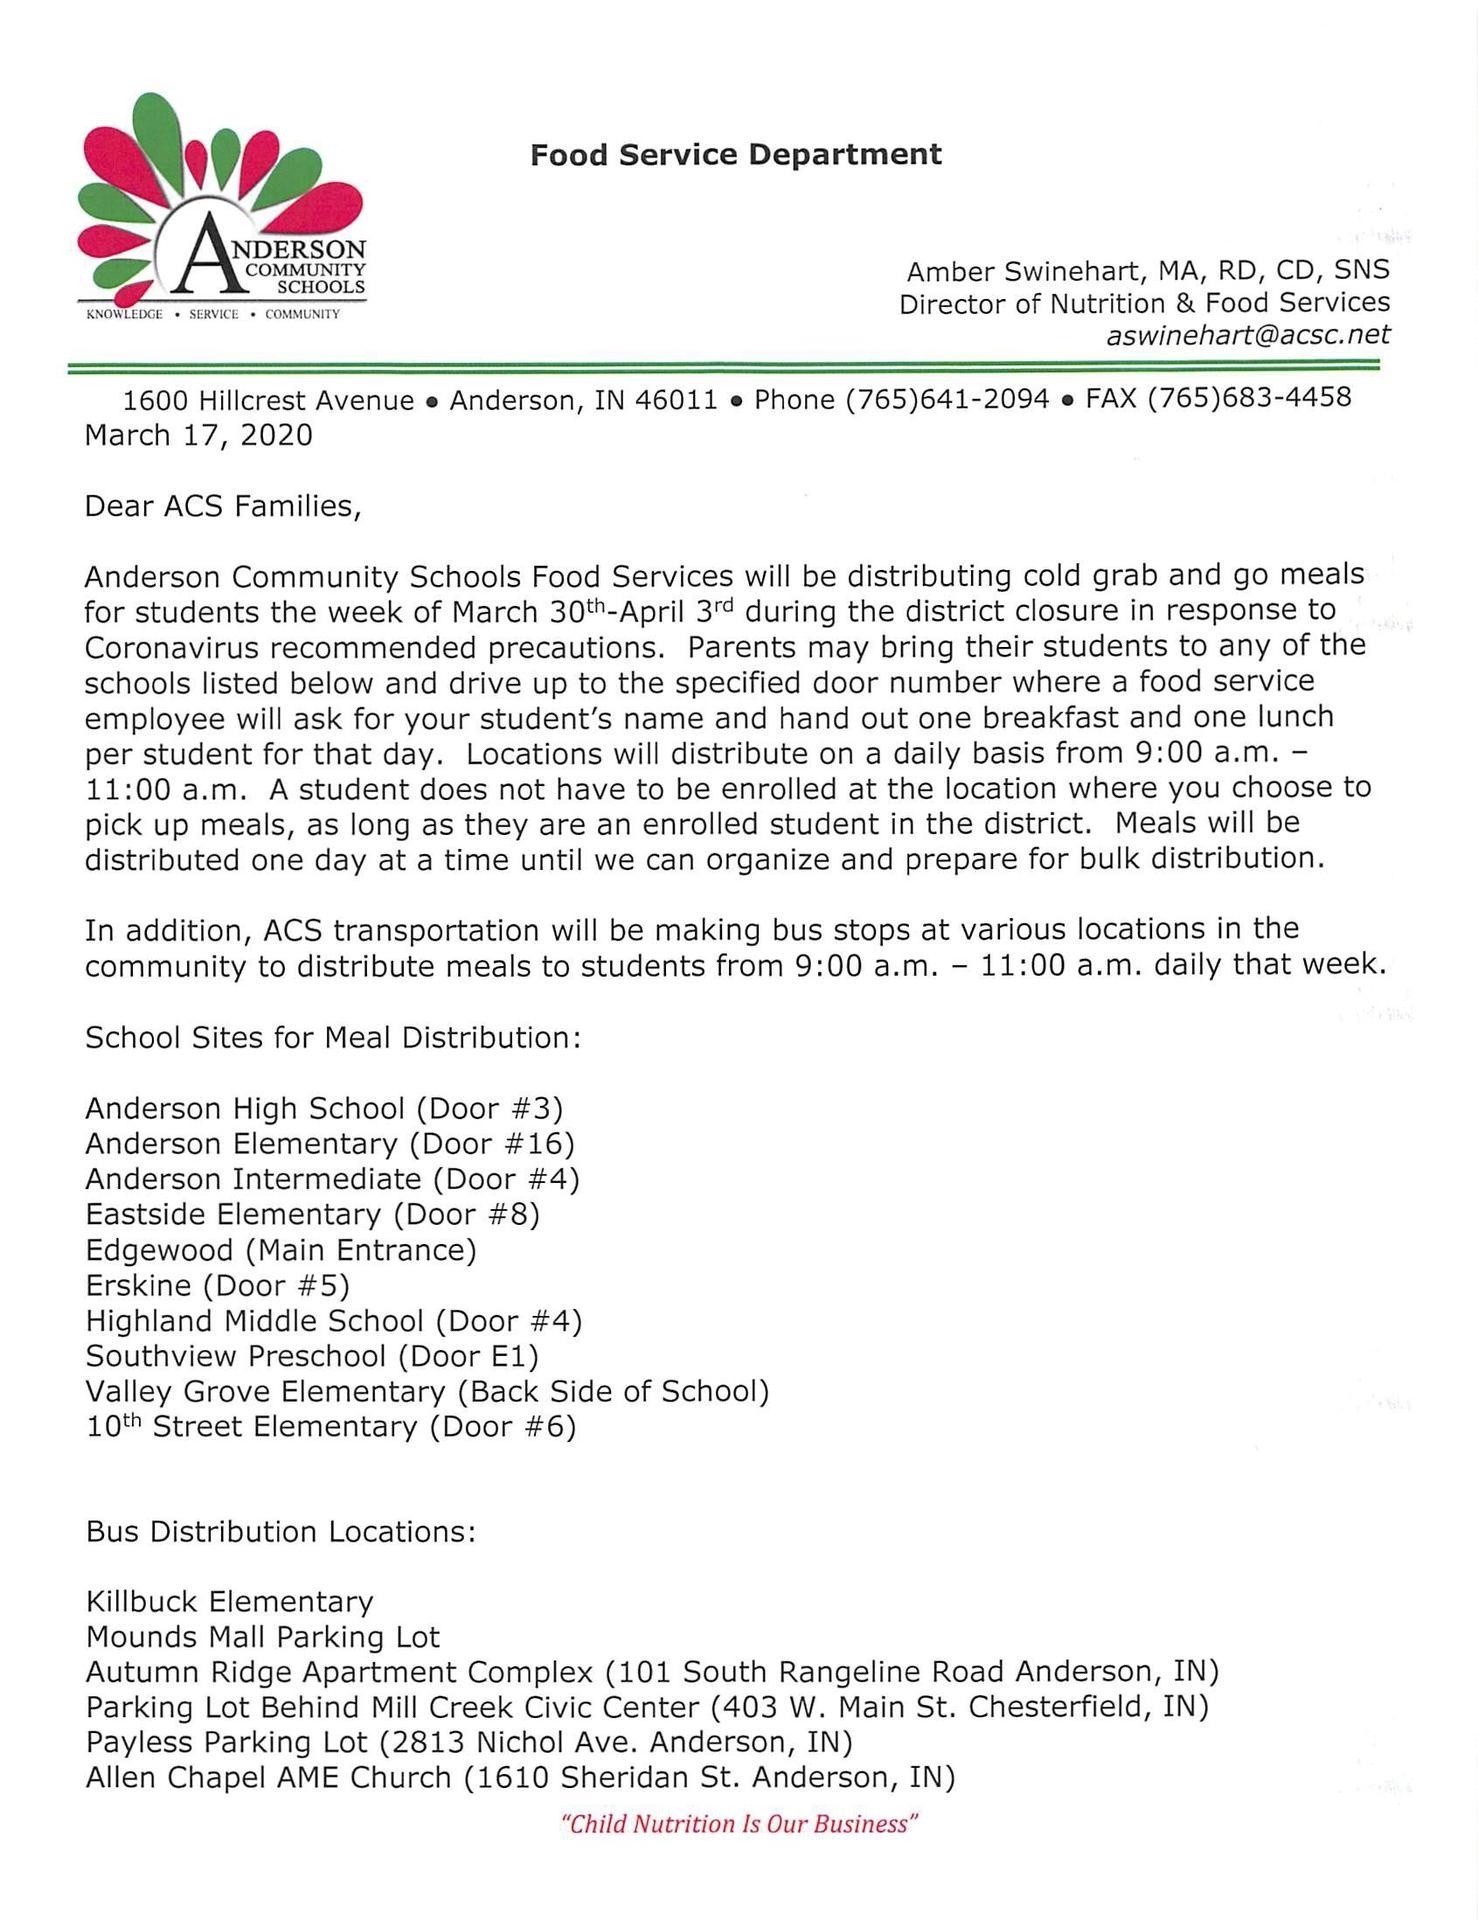 ACS Food Distribution plan 3/30-4/3/20